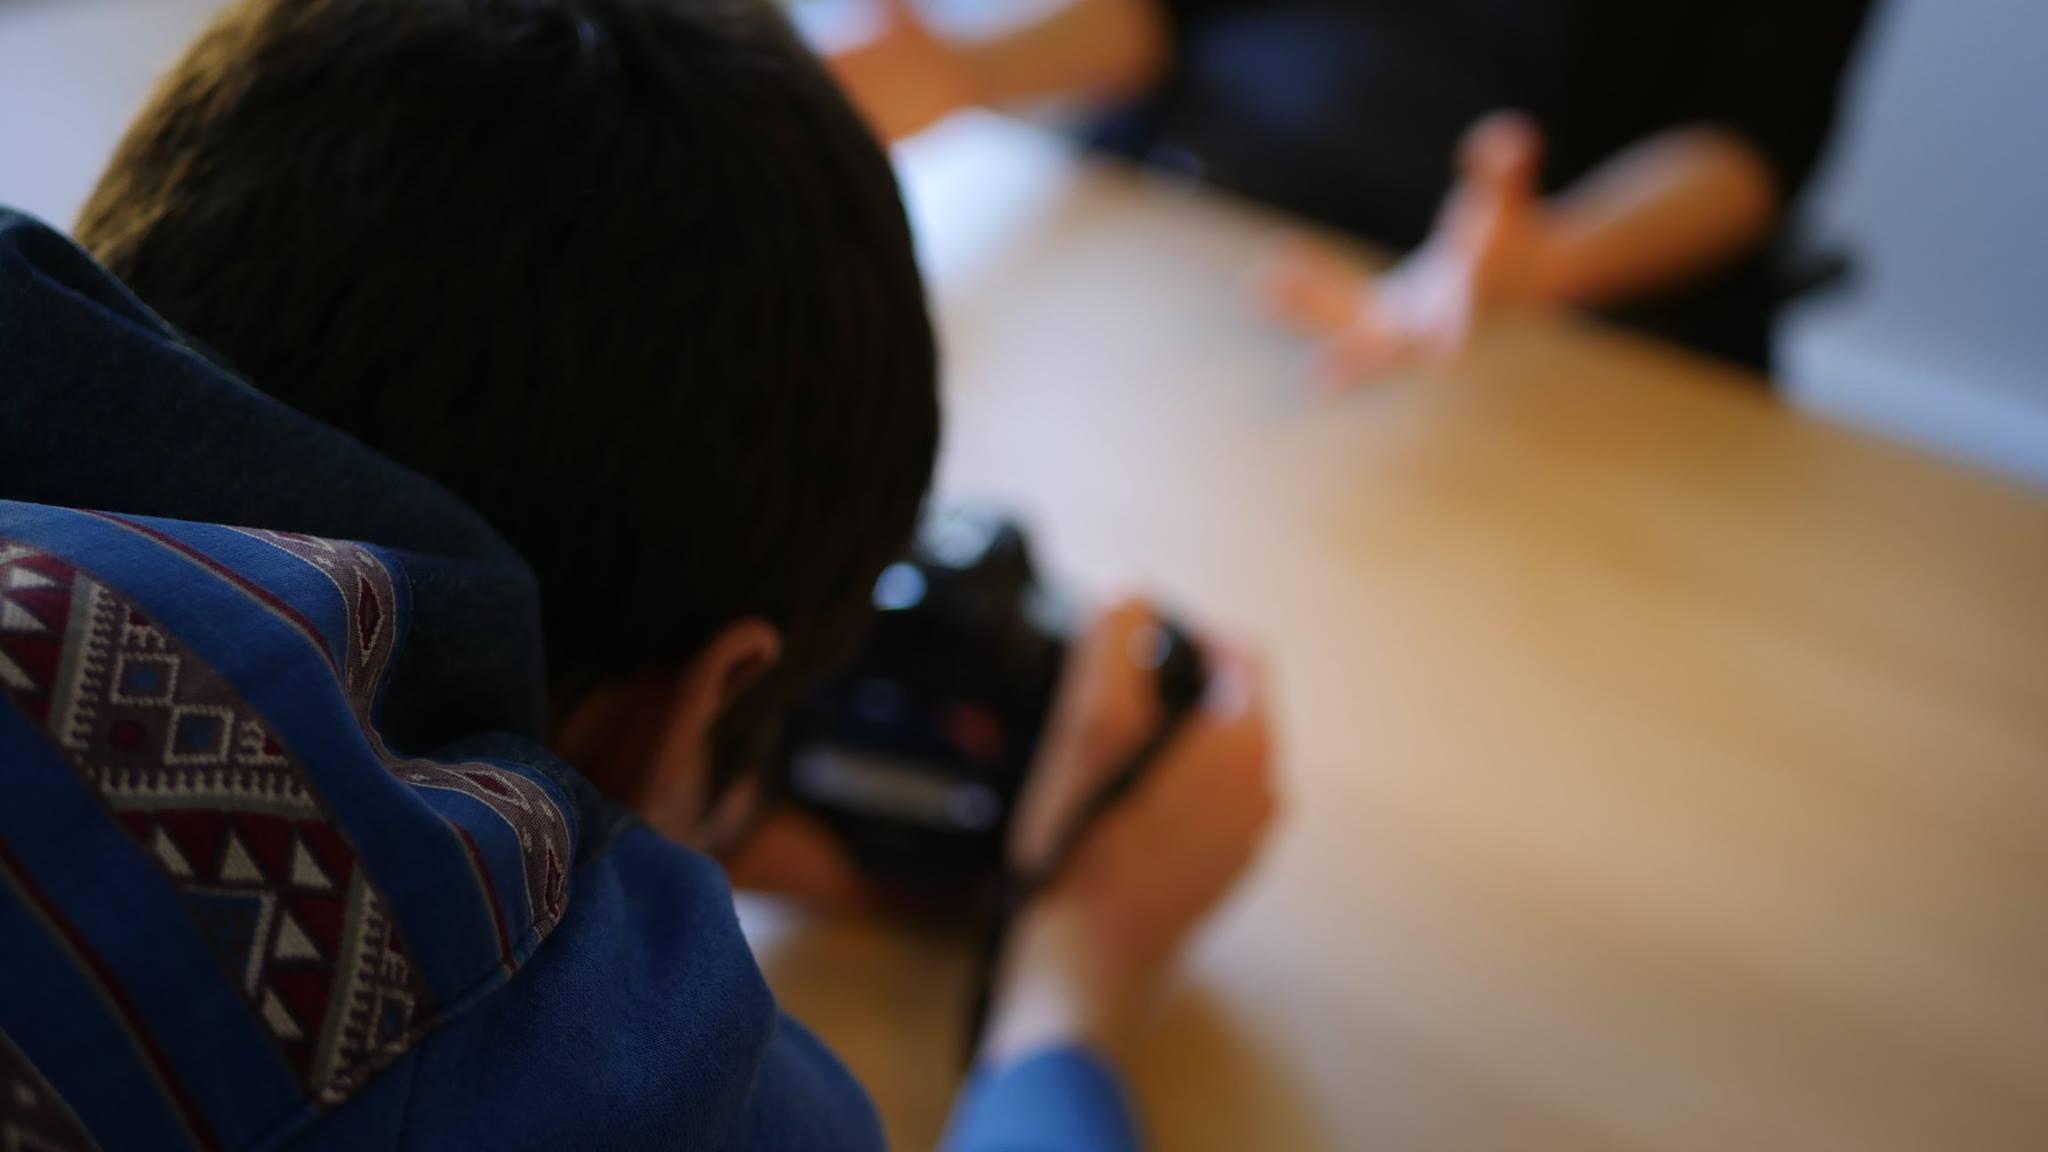 Laurent Moussinac derrière la caméra, tournage, interview.